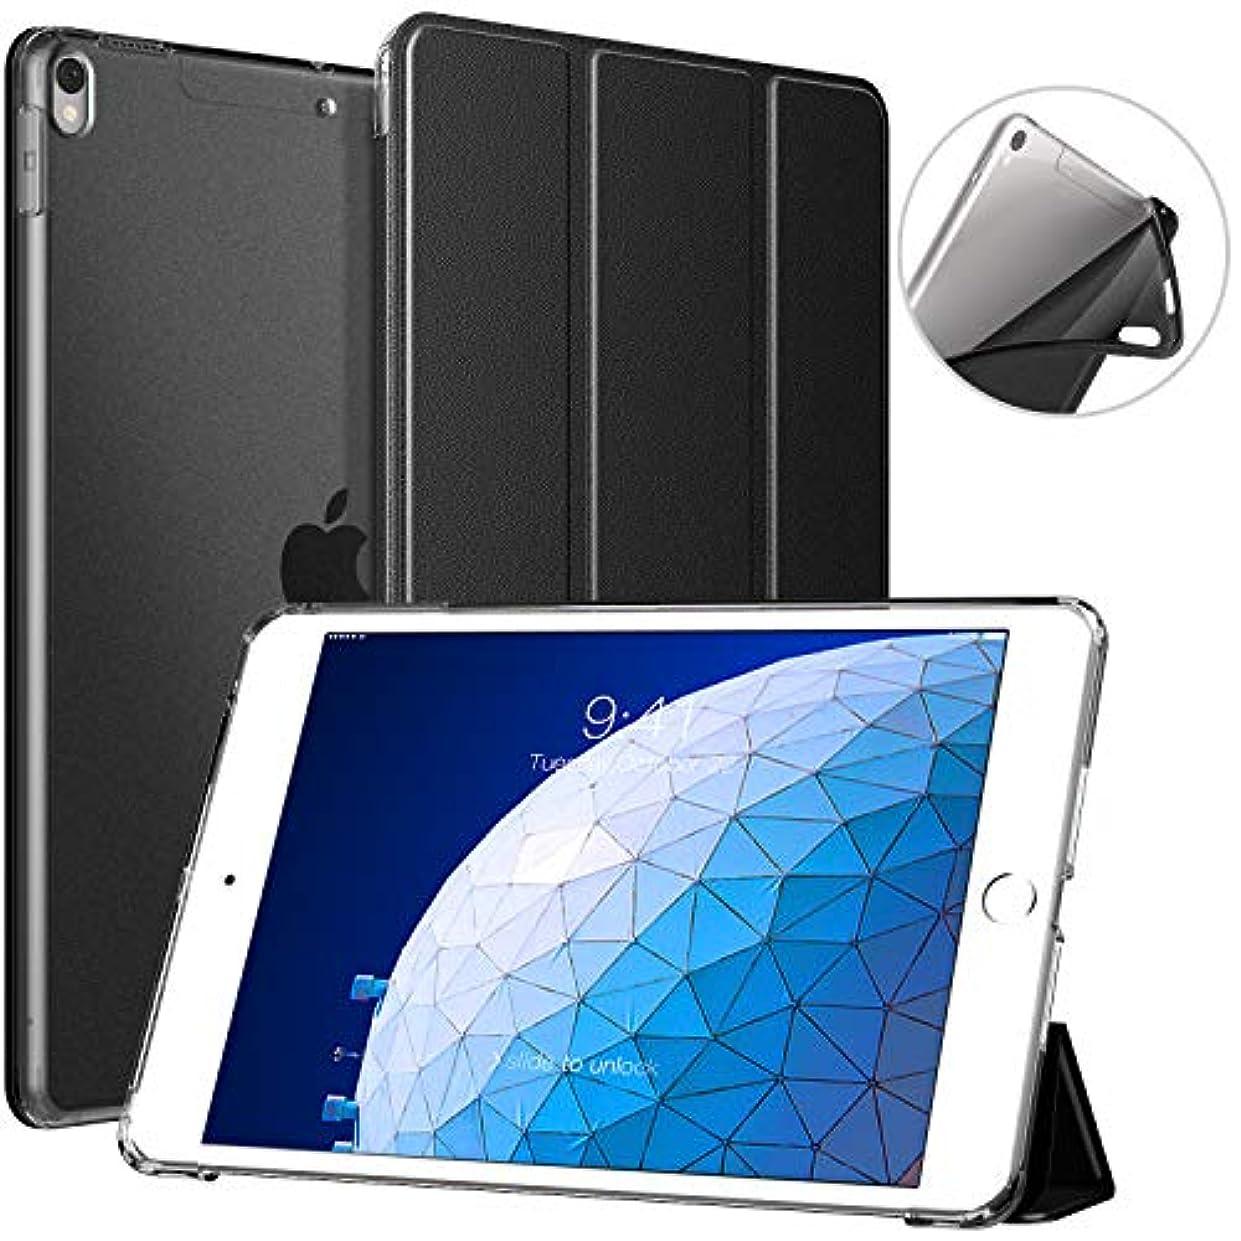 激しい同種のの間でTiMOVO iPad Air 3 2019ケース 10.5インチタブレット専用ケース 三つ折りスタンドケース アイパッドエア第三世代 オートスリープ機能付き マグレット開閉式 超薄型 保護カバー Black